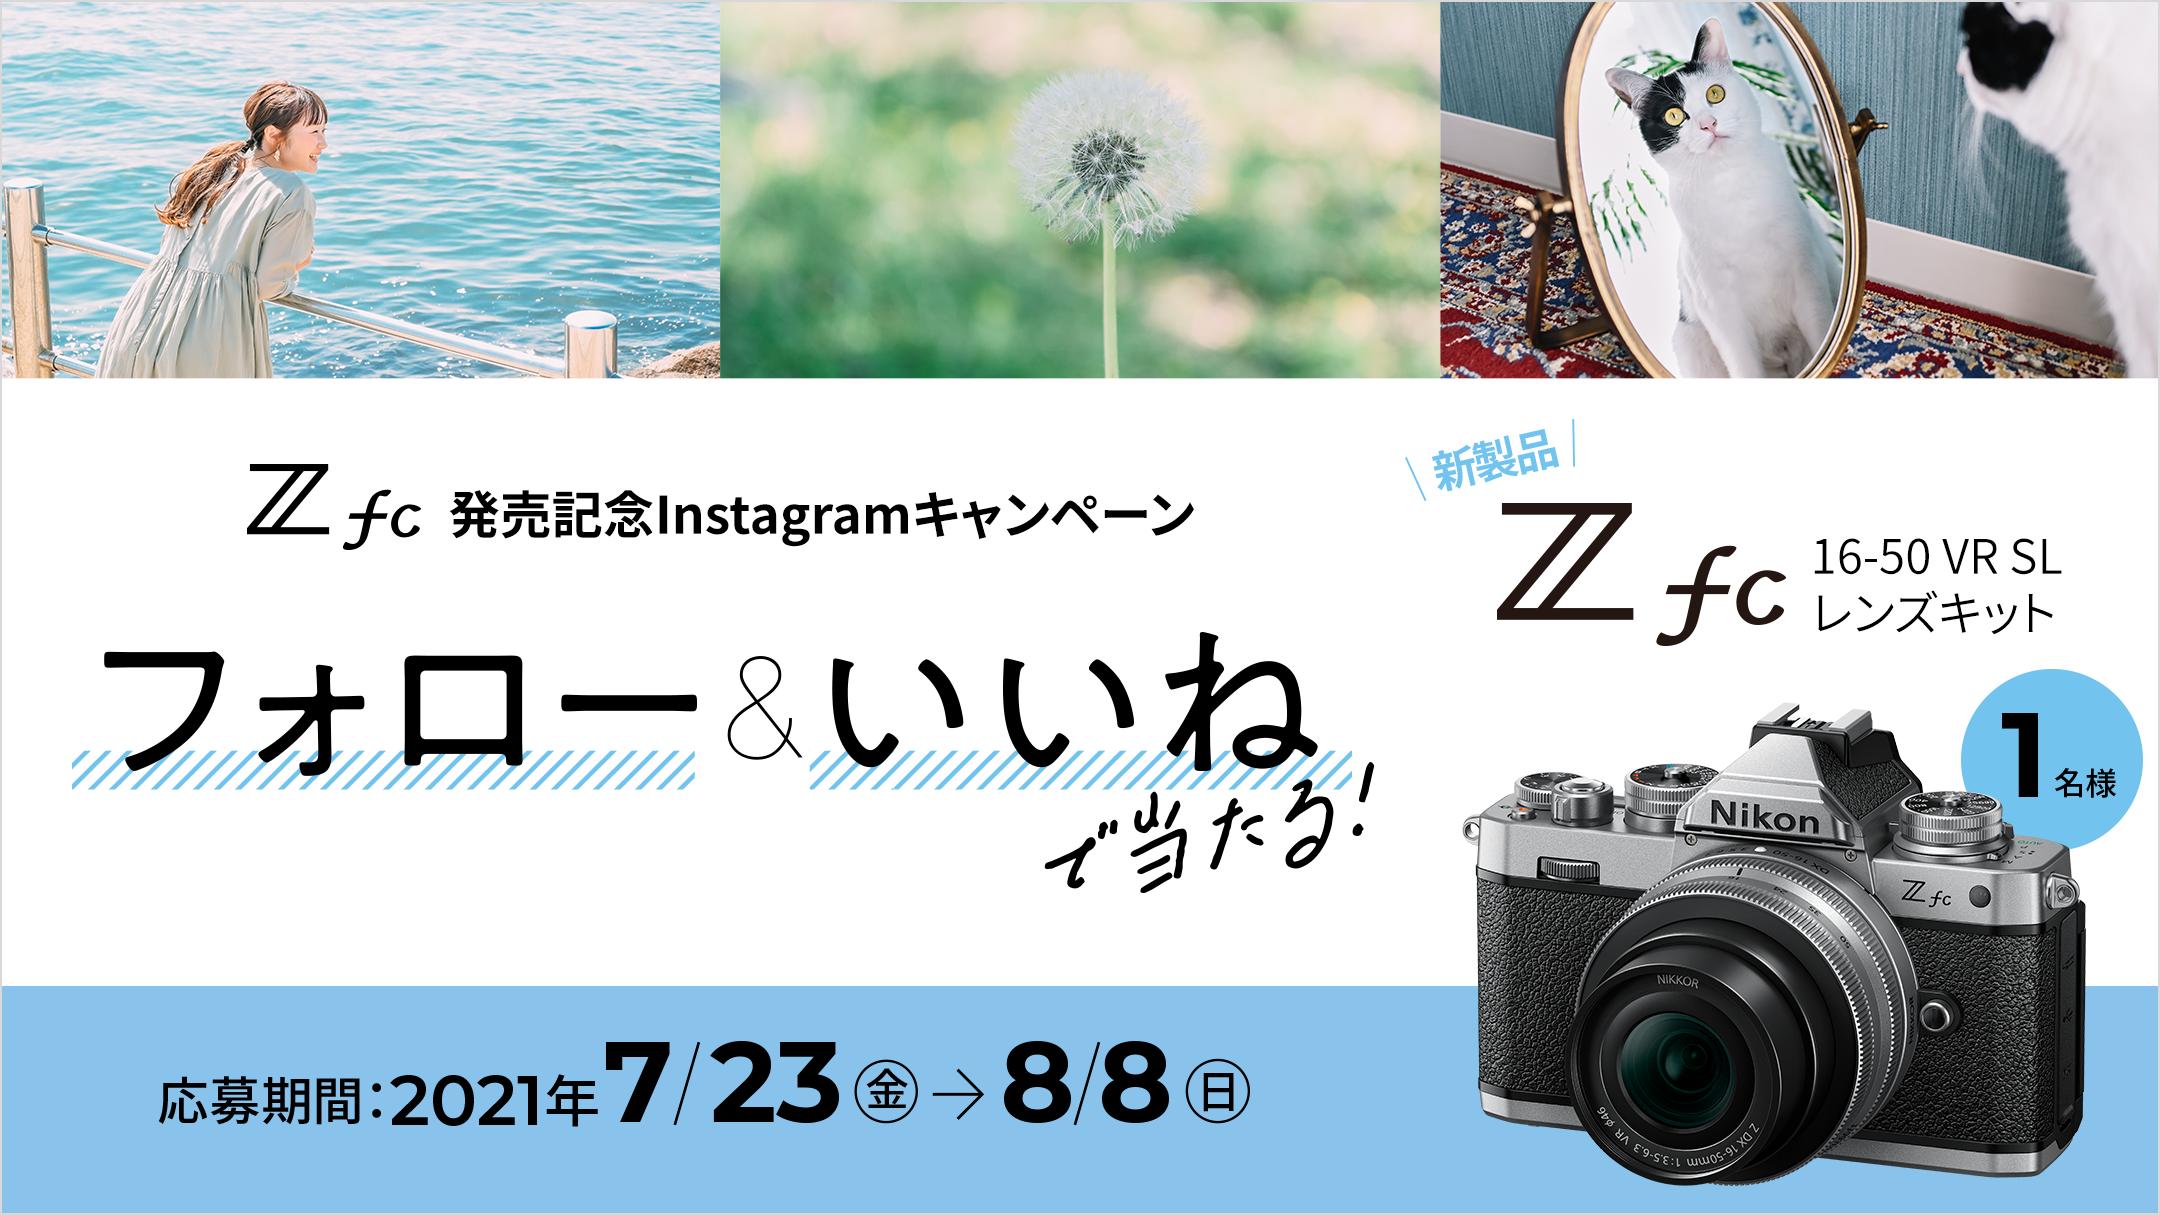 フォロー & いいねで「Z fc 16-50 VR SL レンズキット」を当てよう! –Z fc発売記念 NICO STOP Instagramキャンペーン